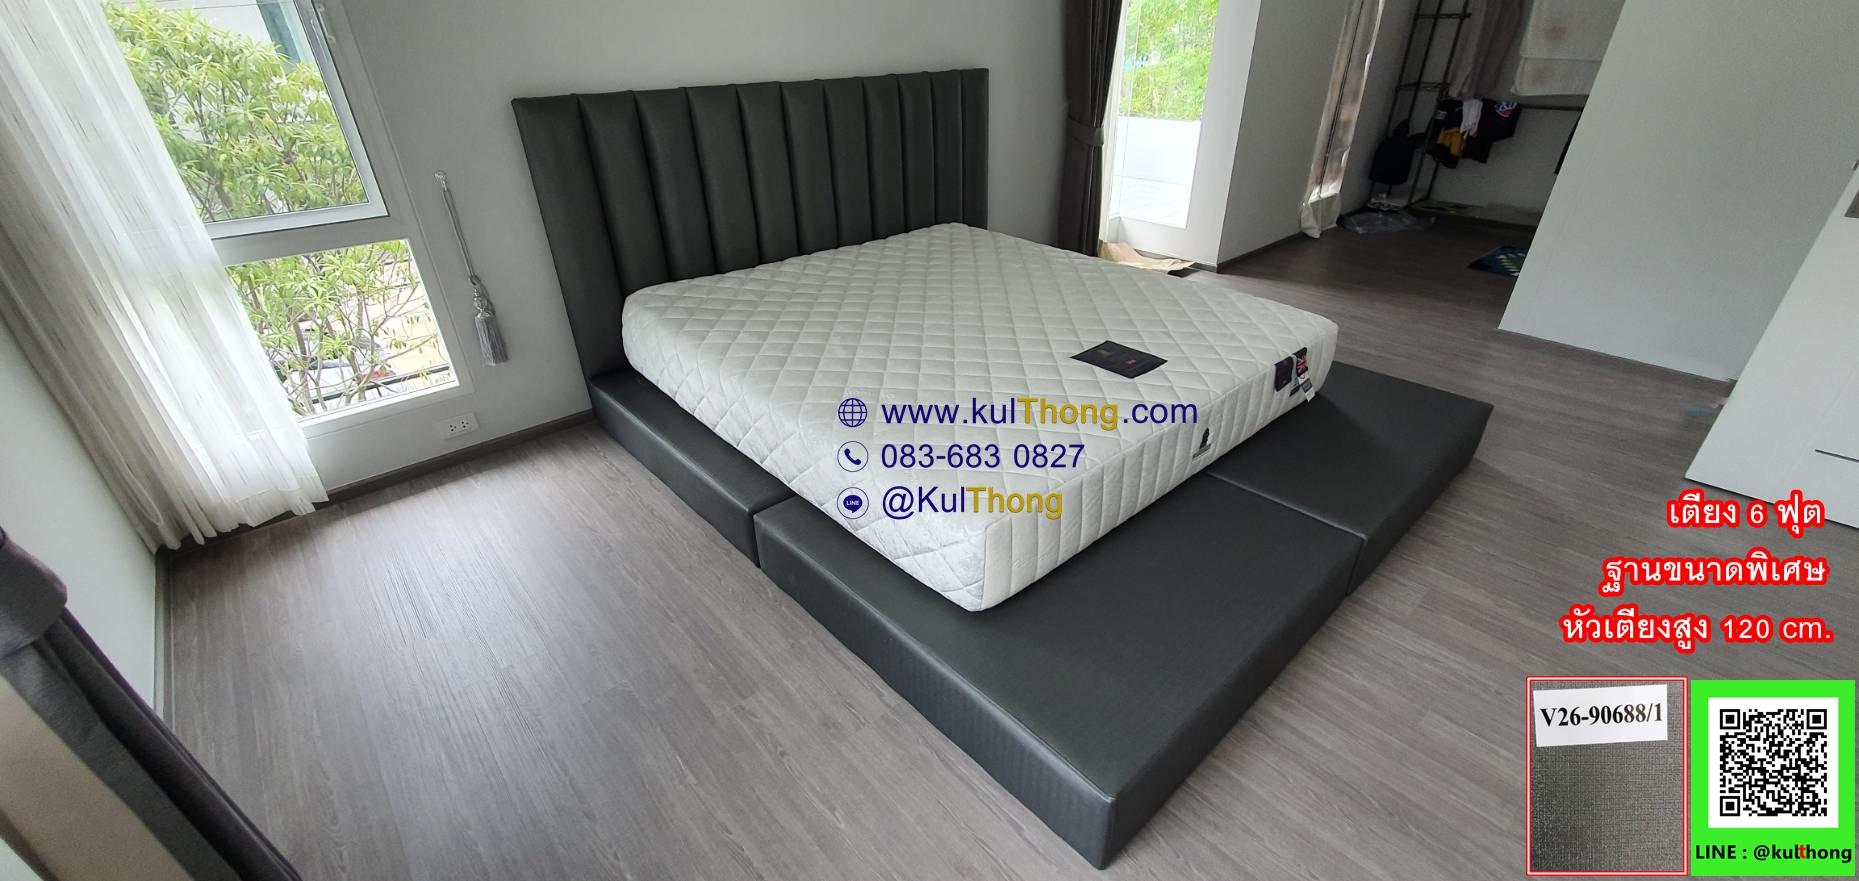 ฐานรองที่นอน เตียงหุ้มหนัง เตียงสั่งผลิต ฐานเตียง